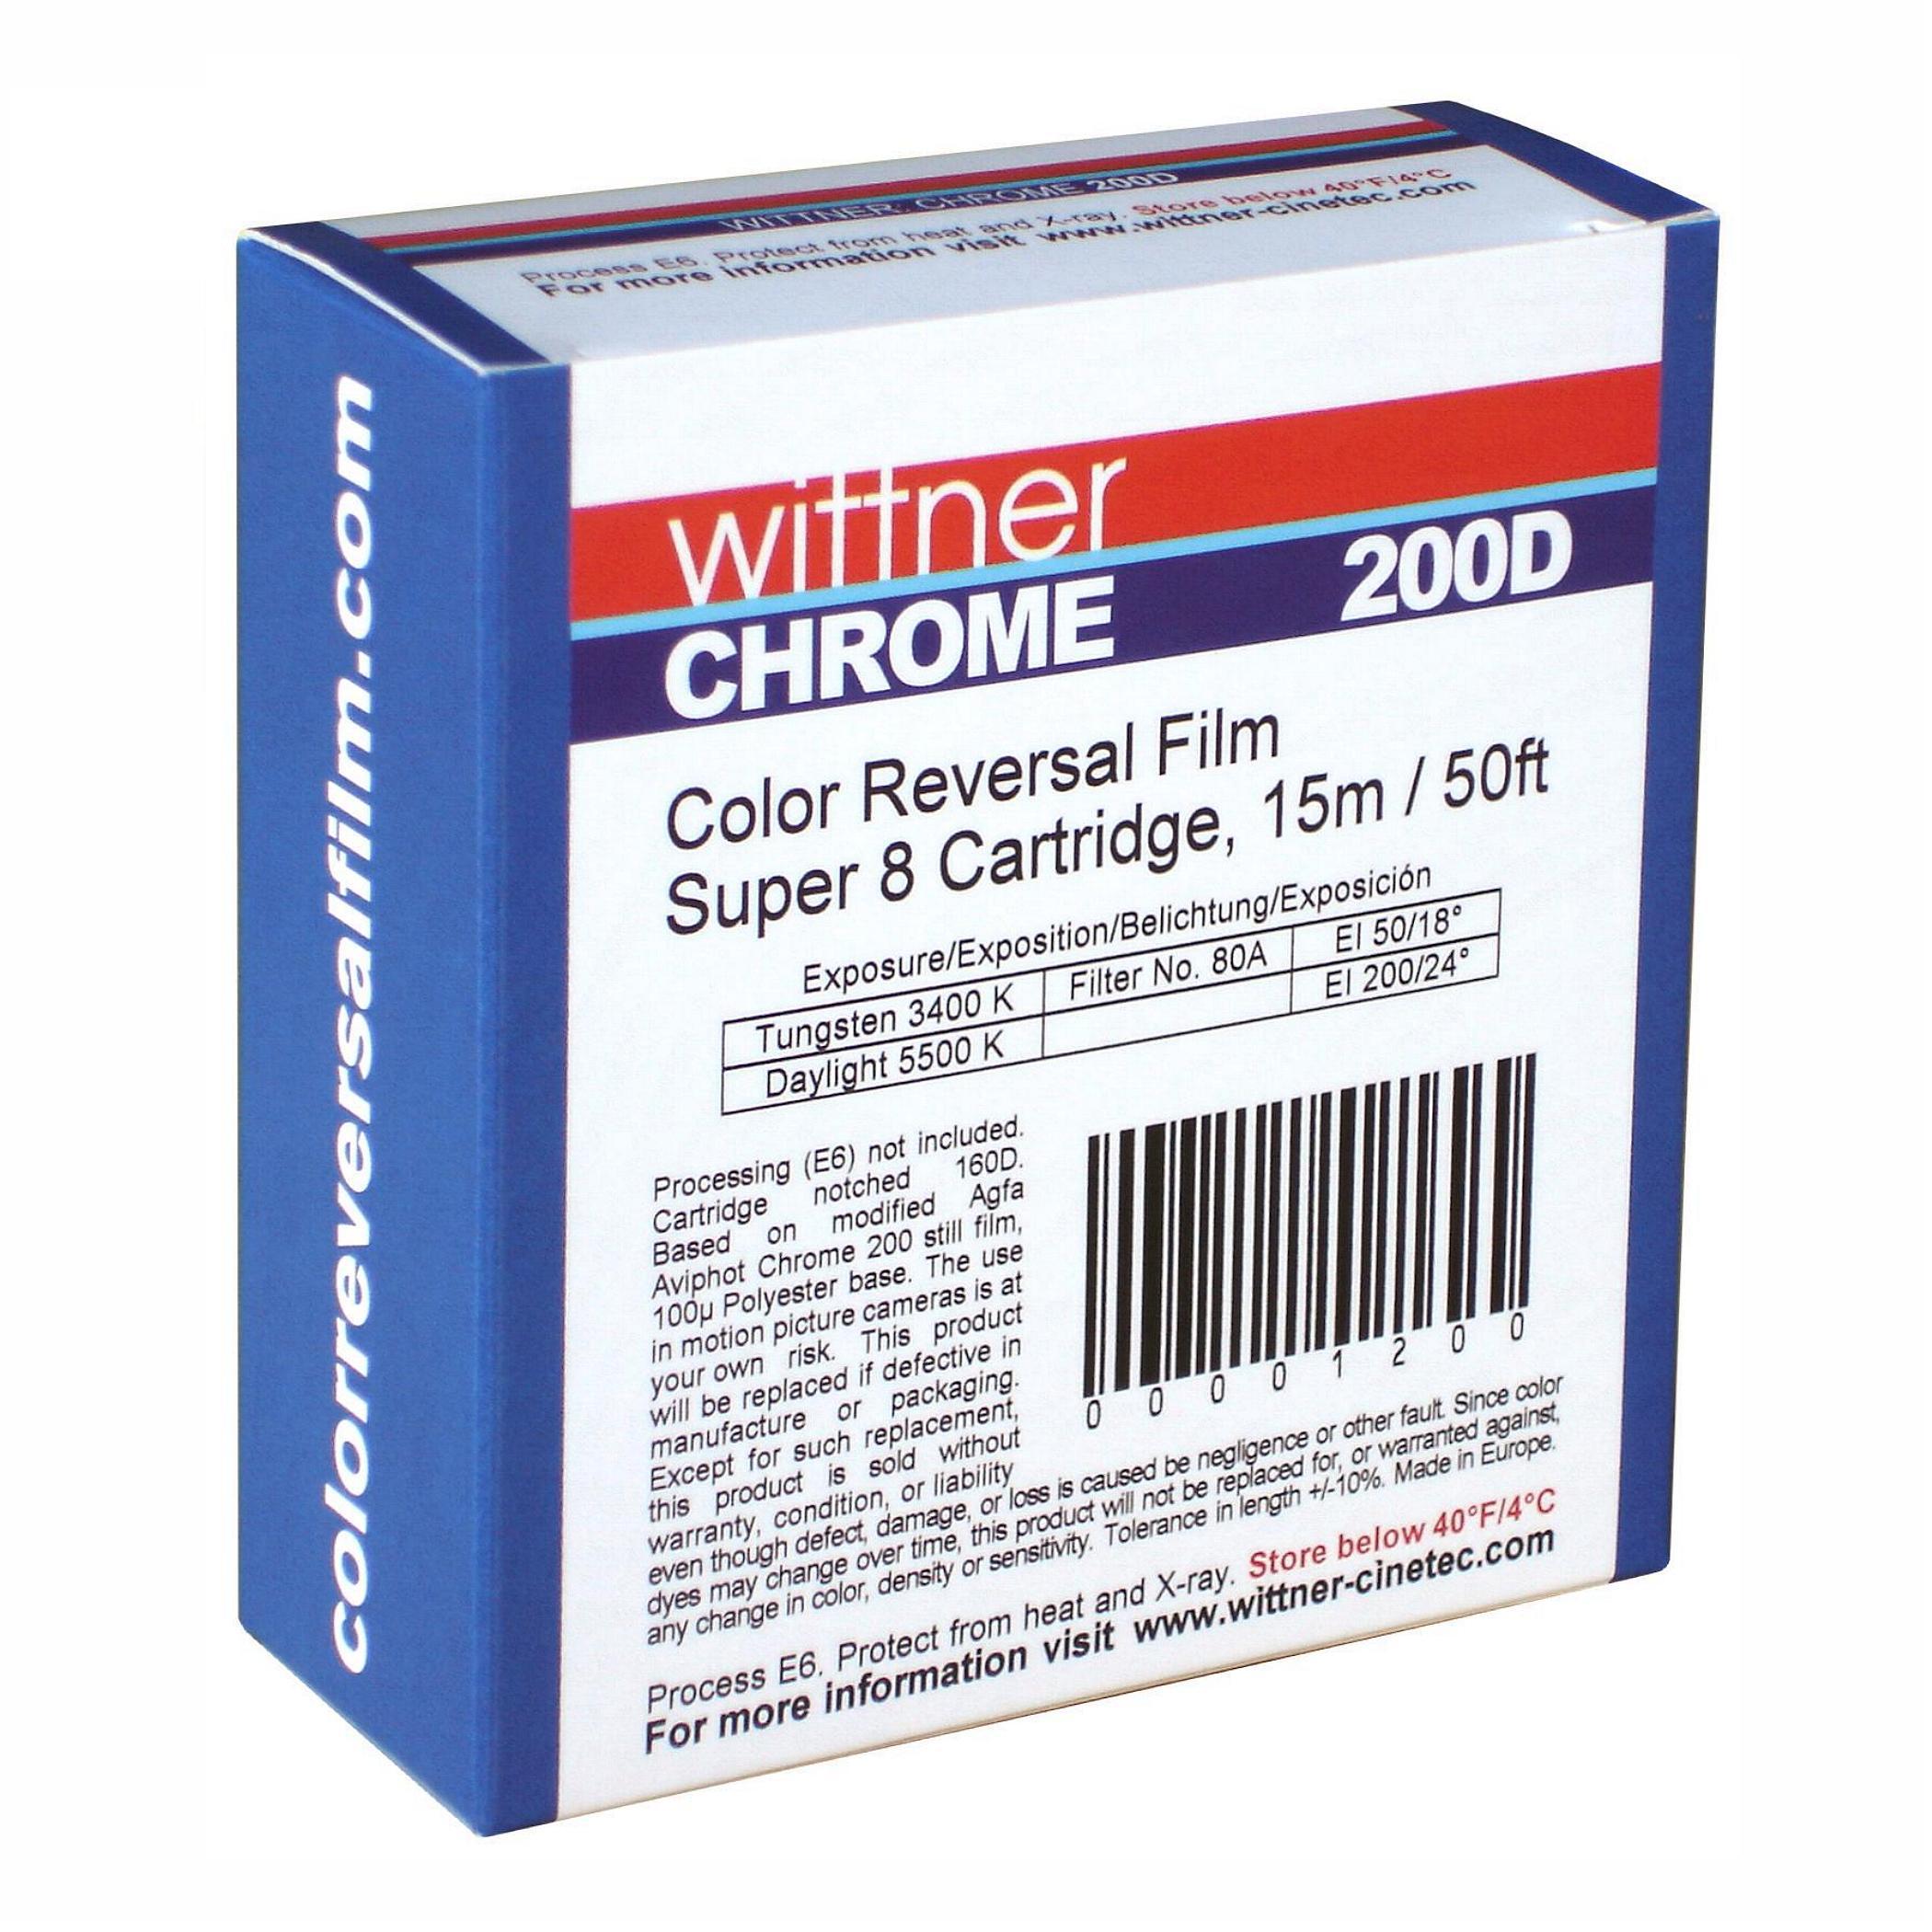 WITTNER Chrome 200D, Super 8 cartridge, 50ft/15m